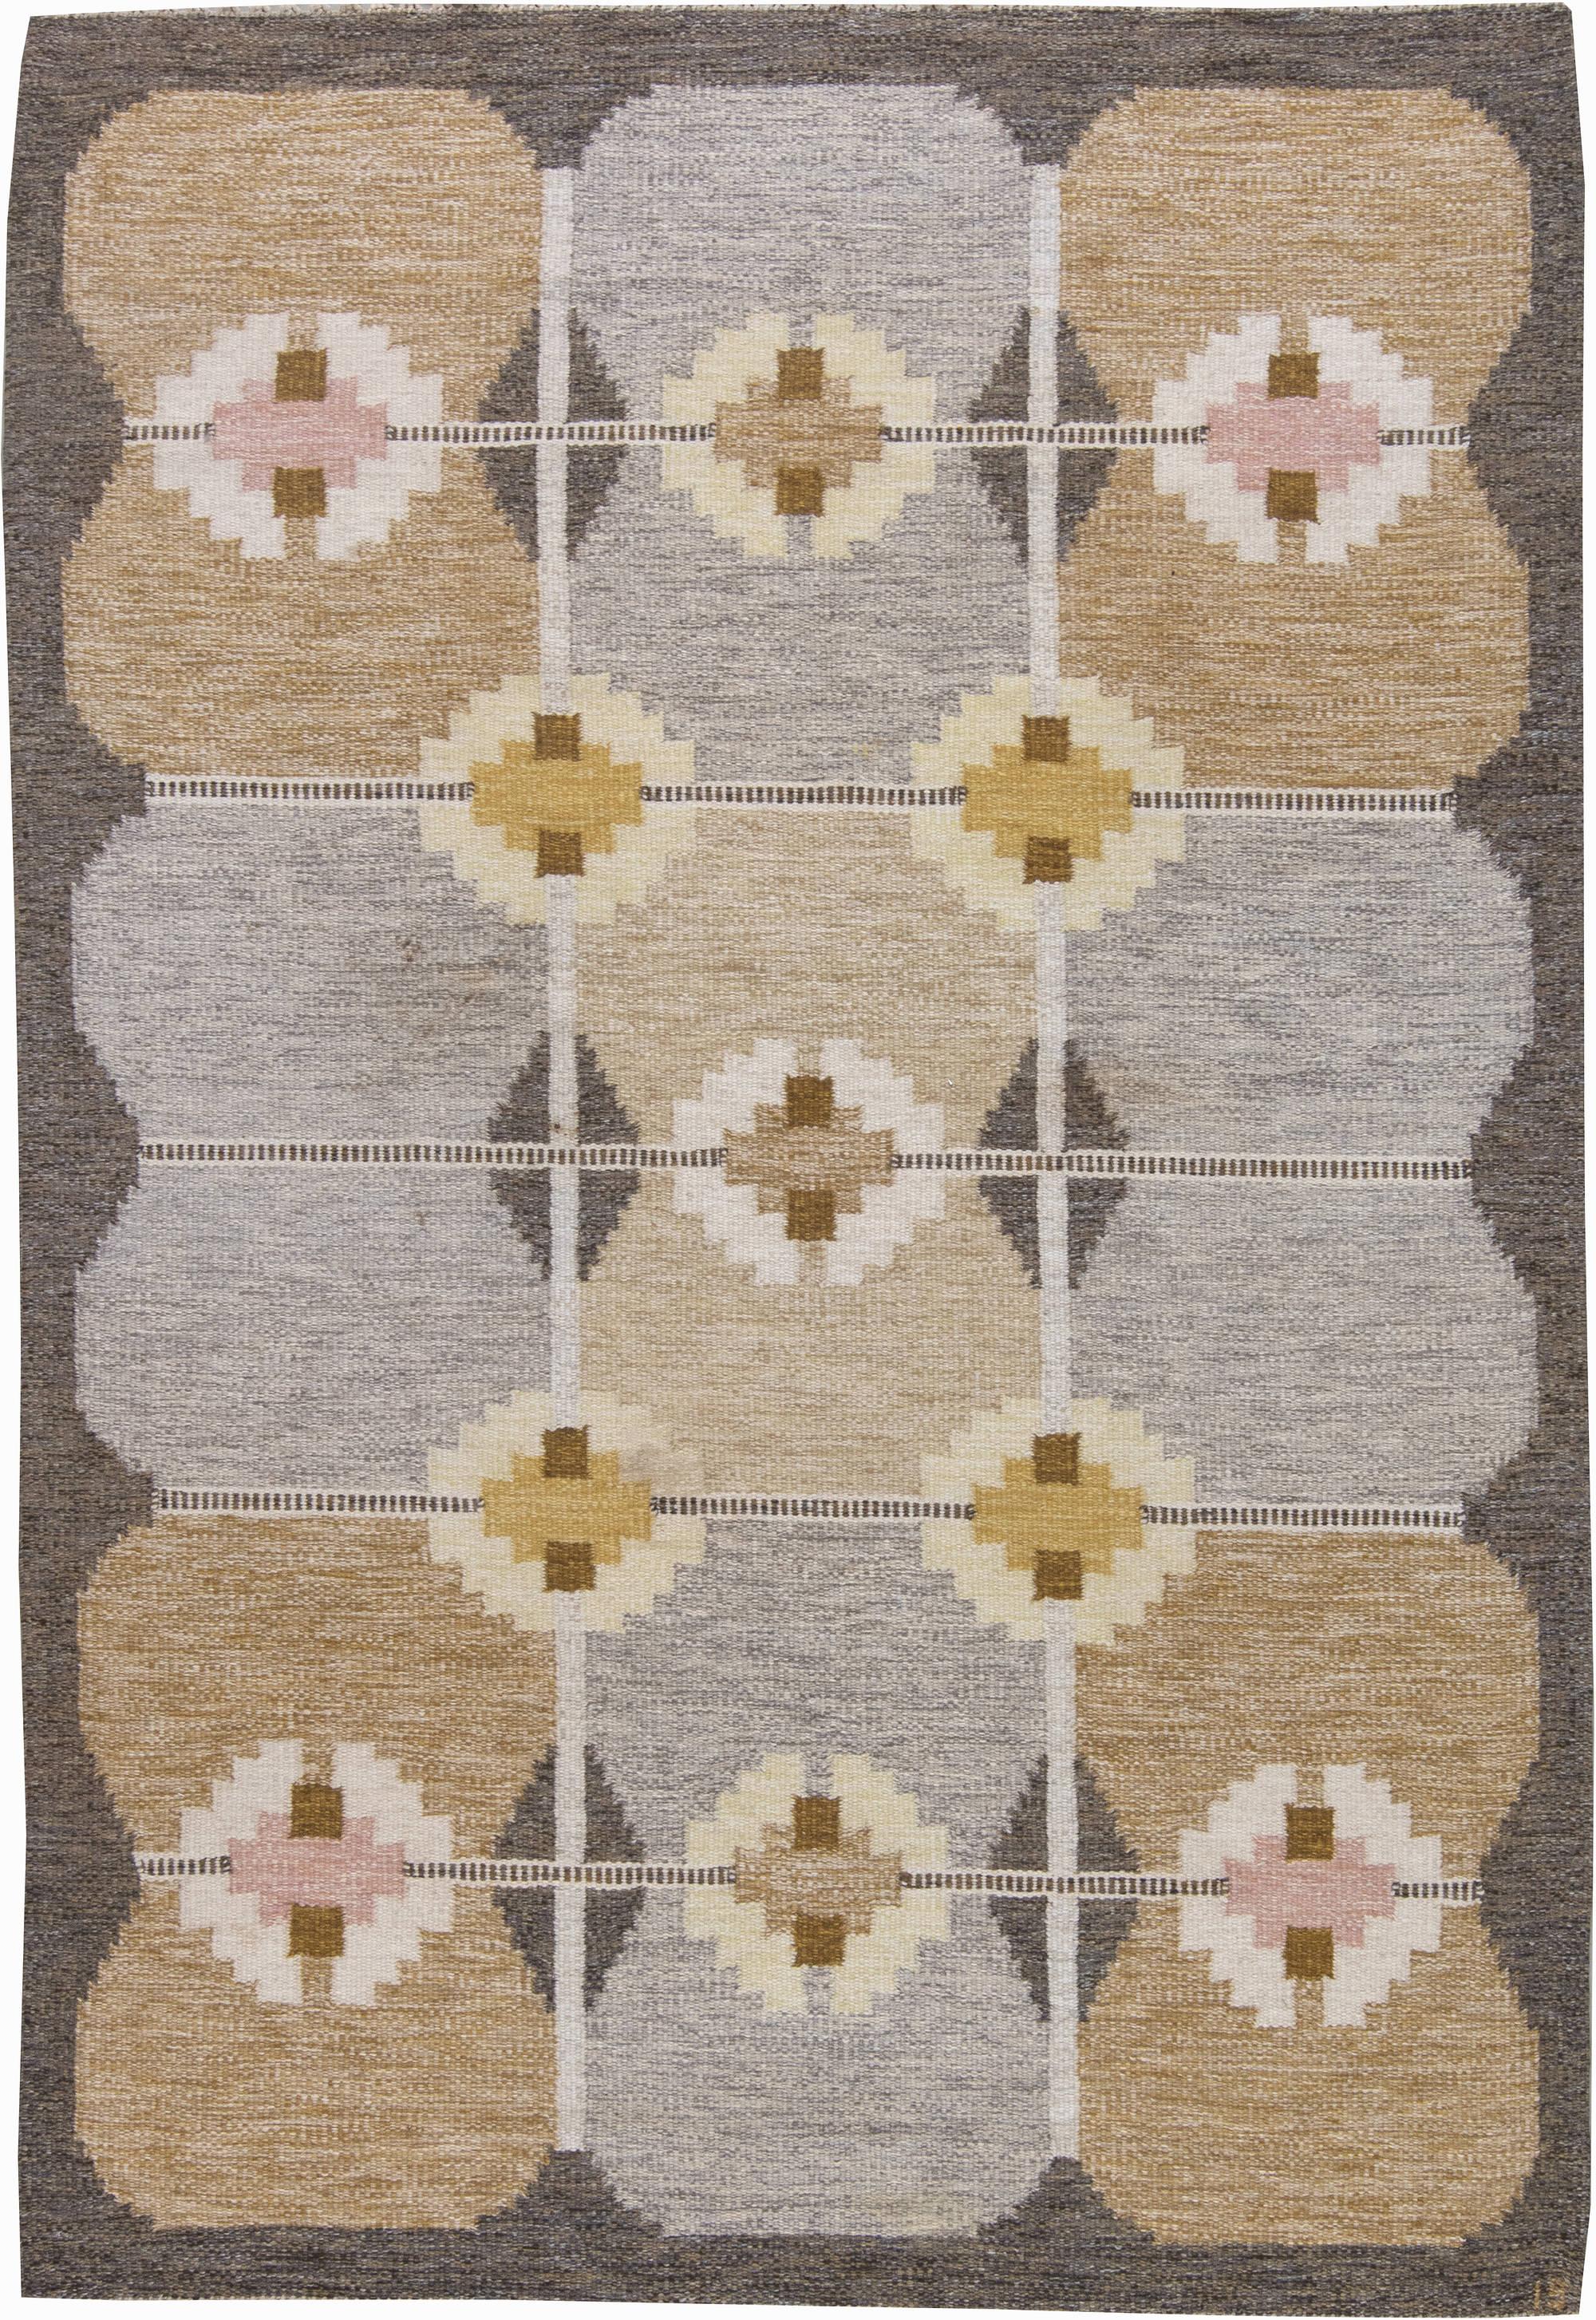 skandinavische teppiche schwedische teppiche zum verkauf. Black Bedroom Furniture Sets. Home Design Ideas